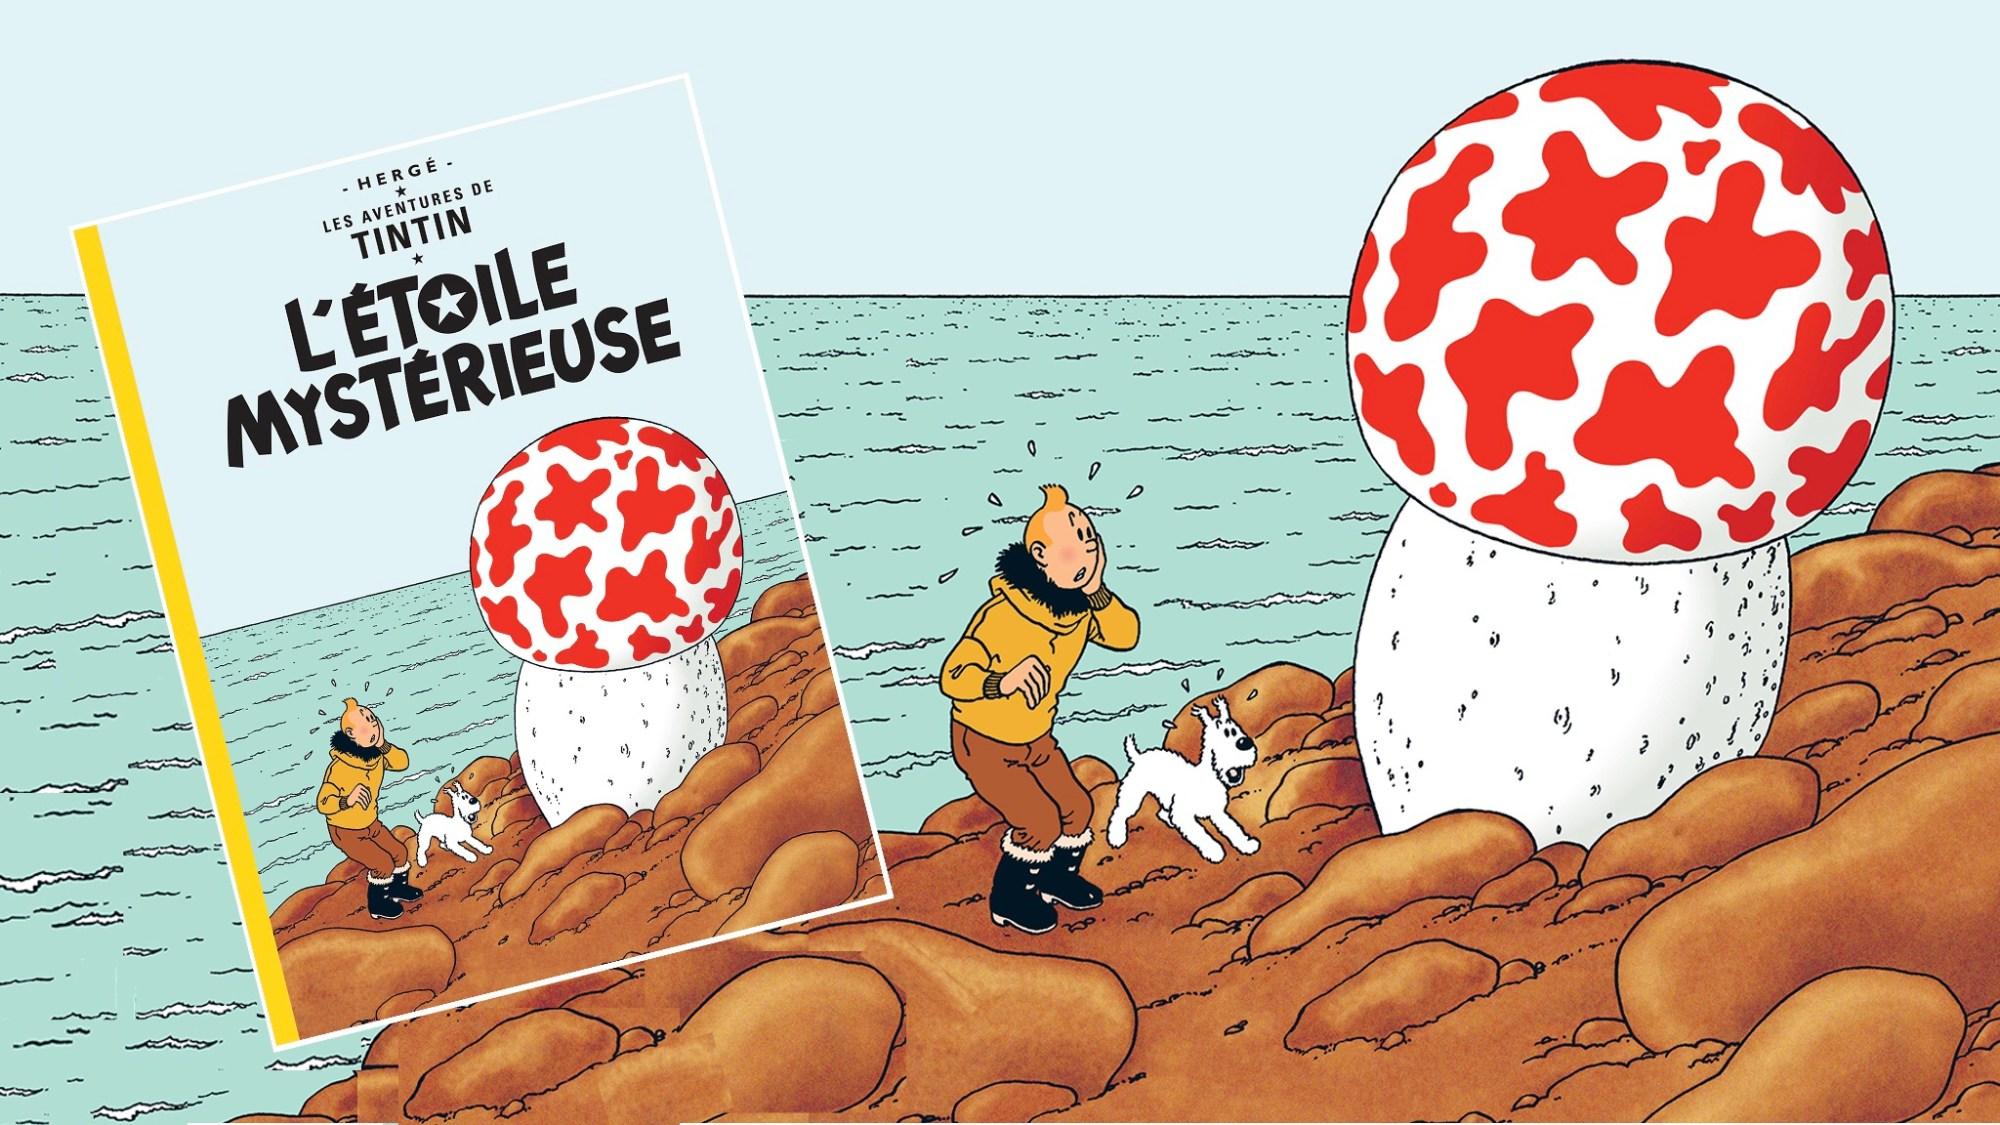 Den mystiska stjärnan, med Tintin